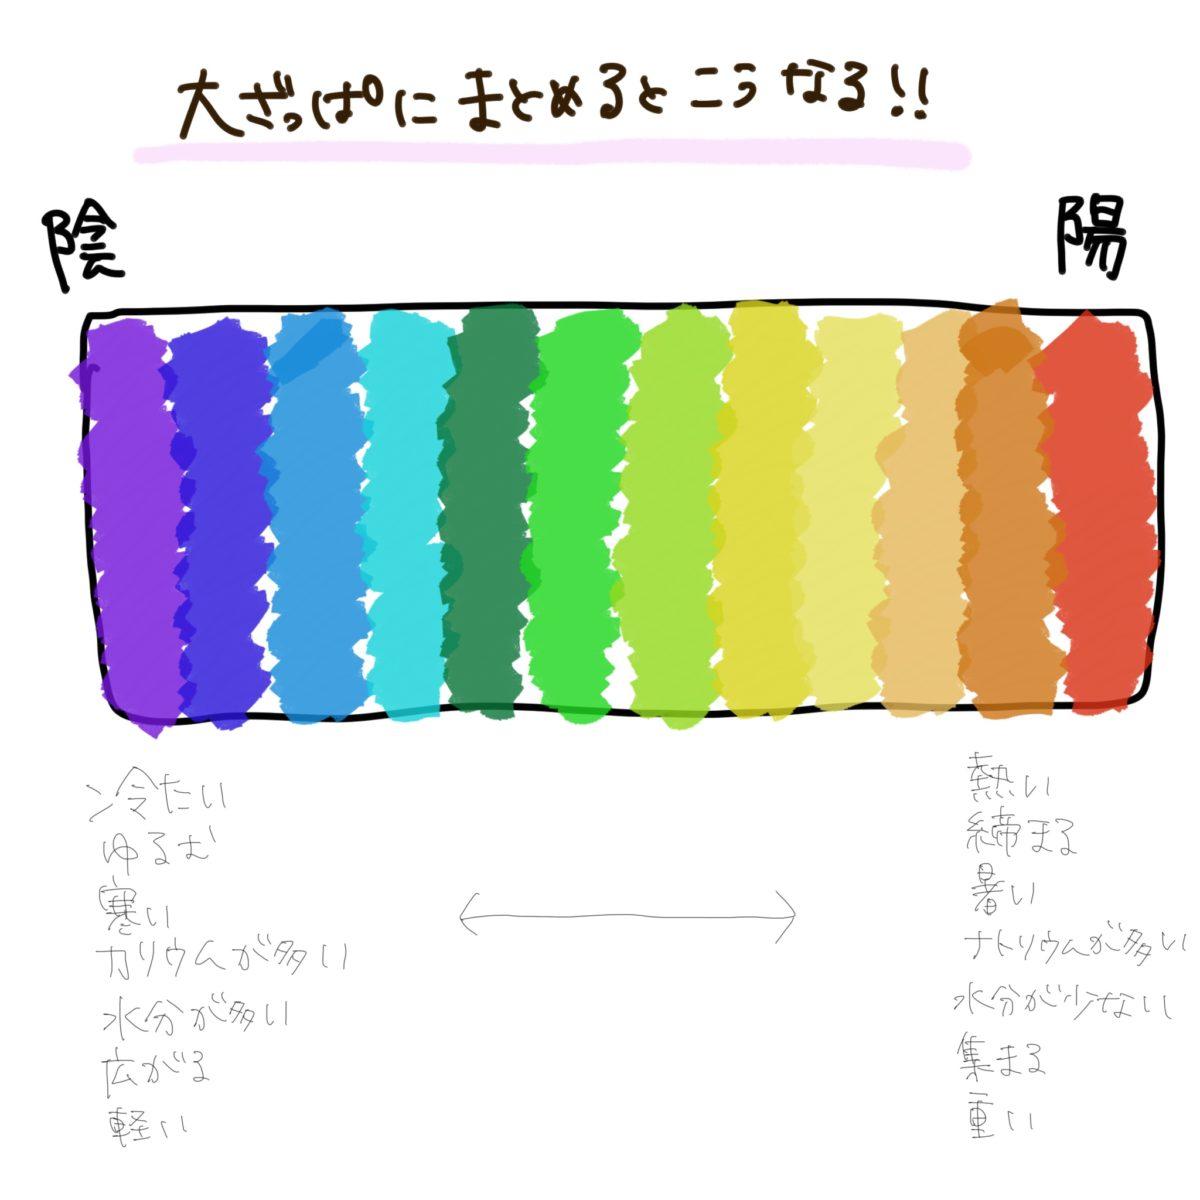 色彩陰陽表